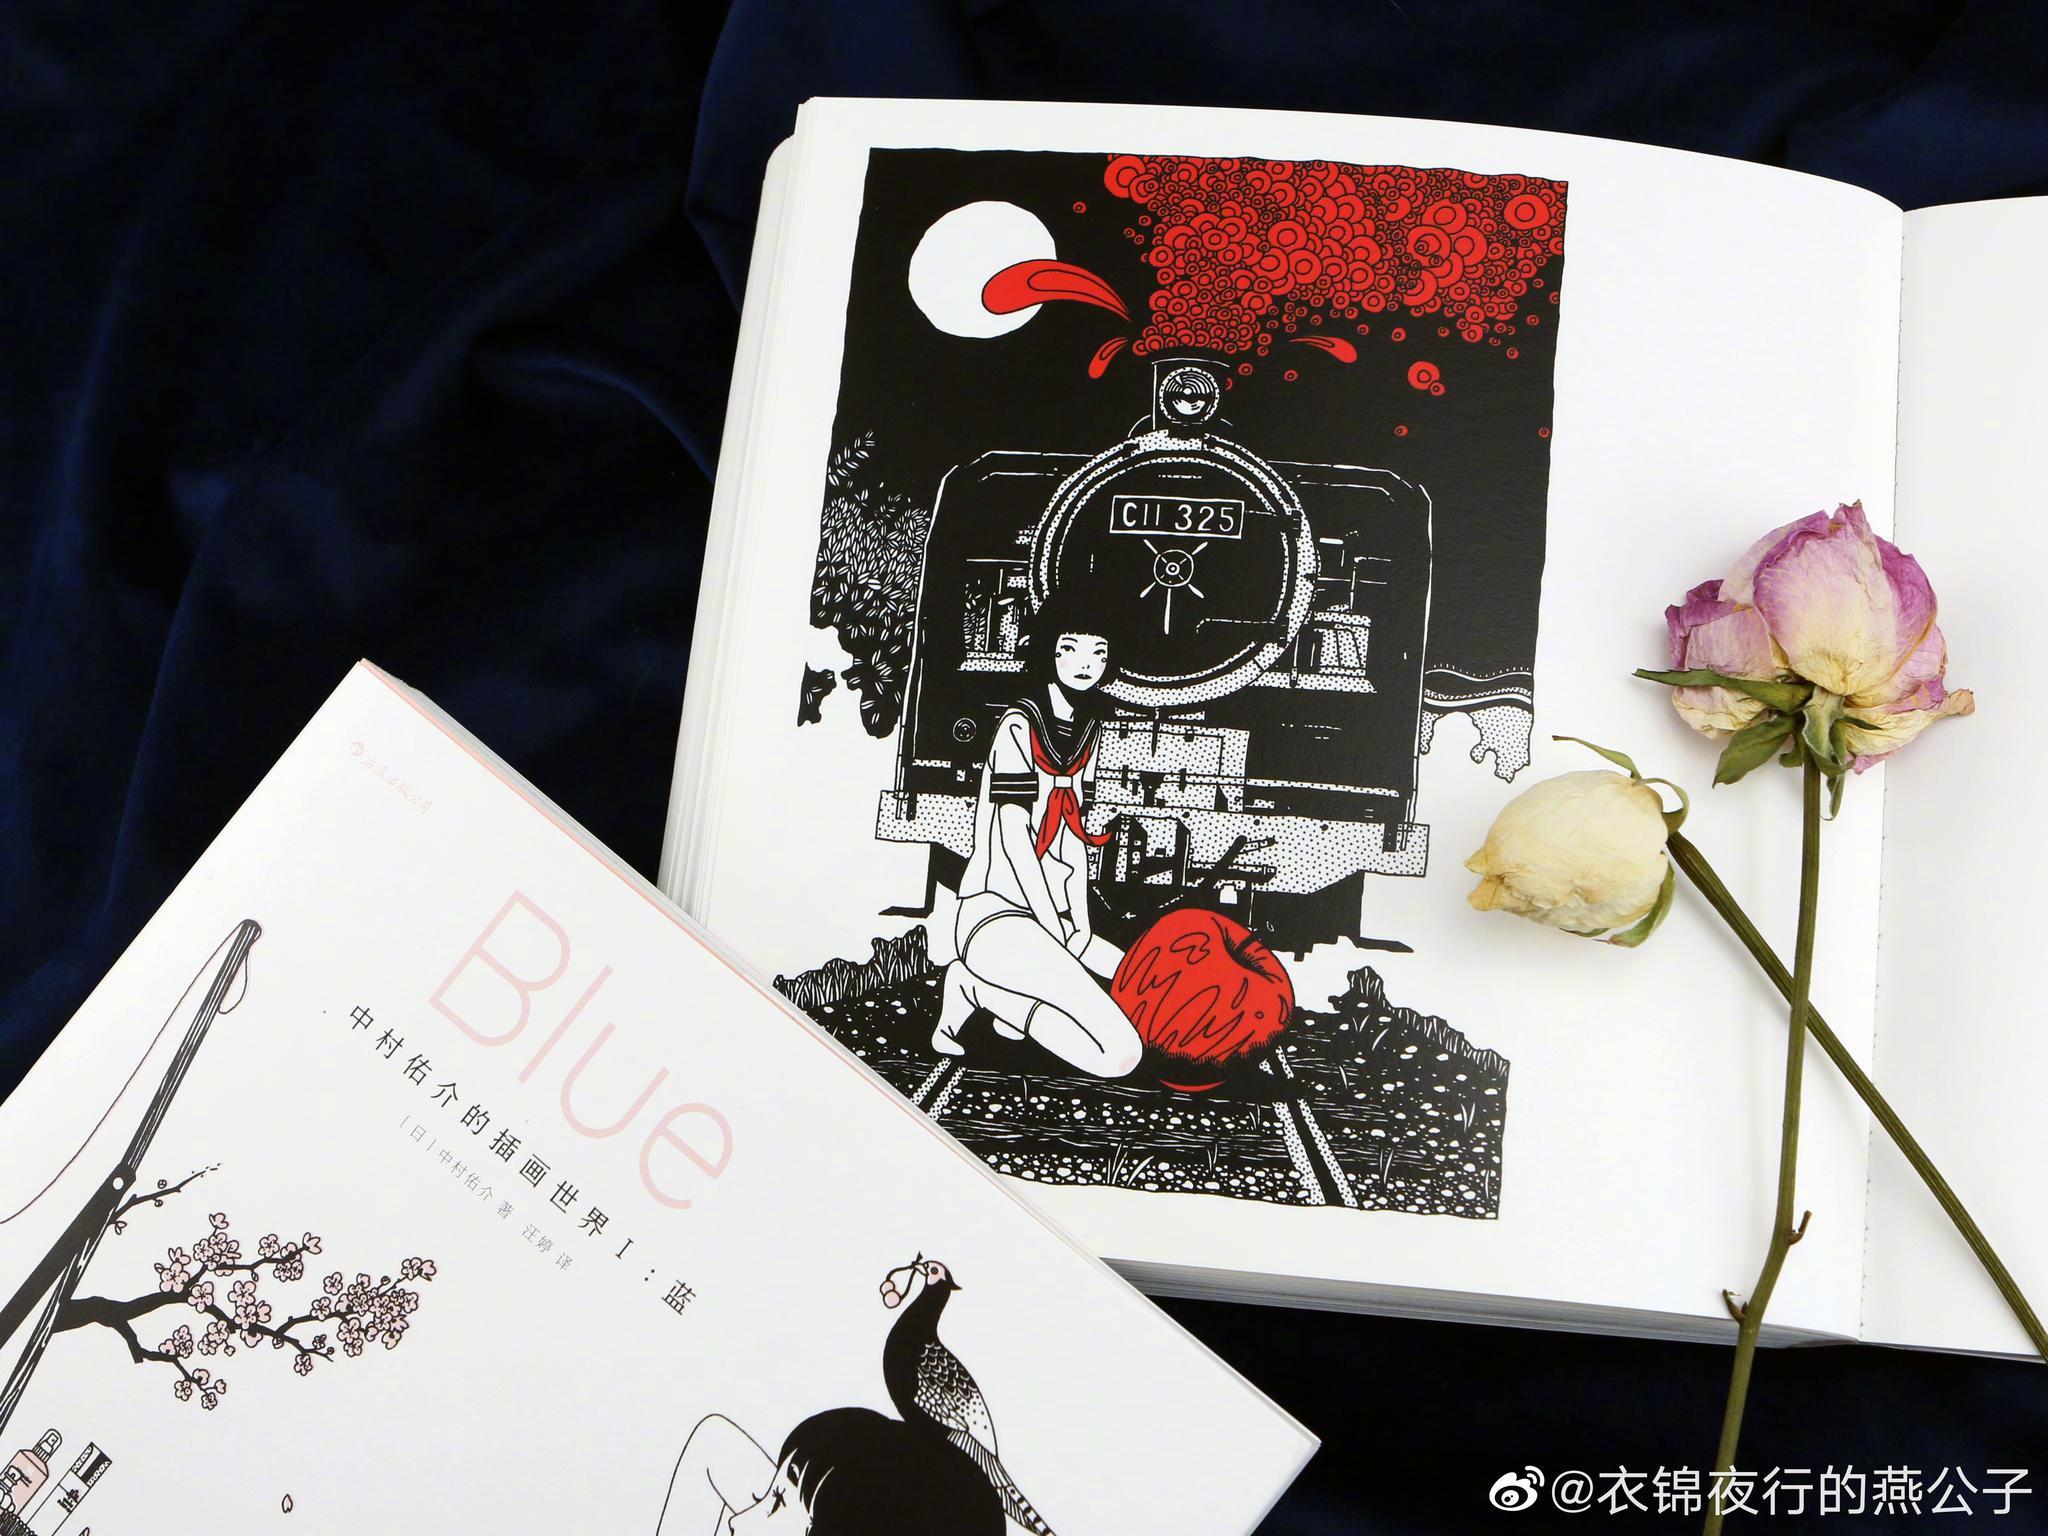 中村佑介壁紙